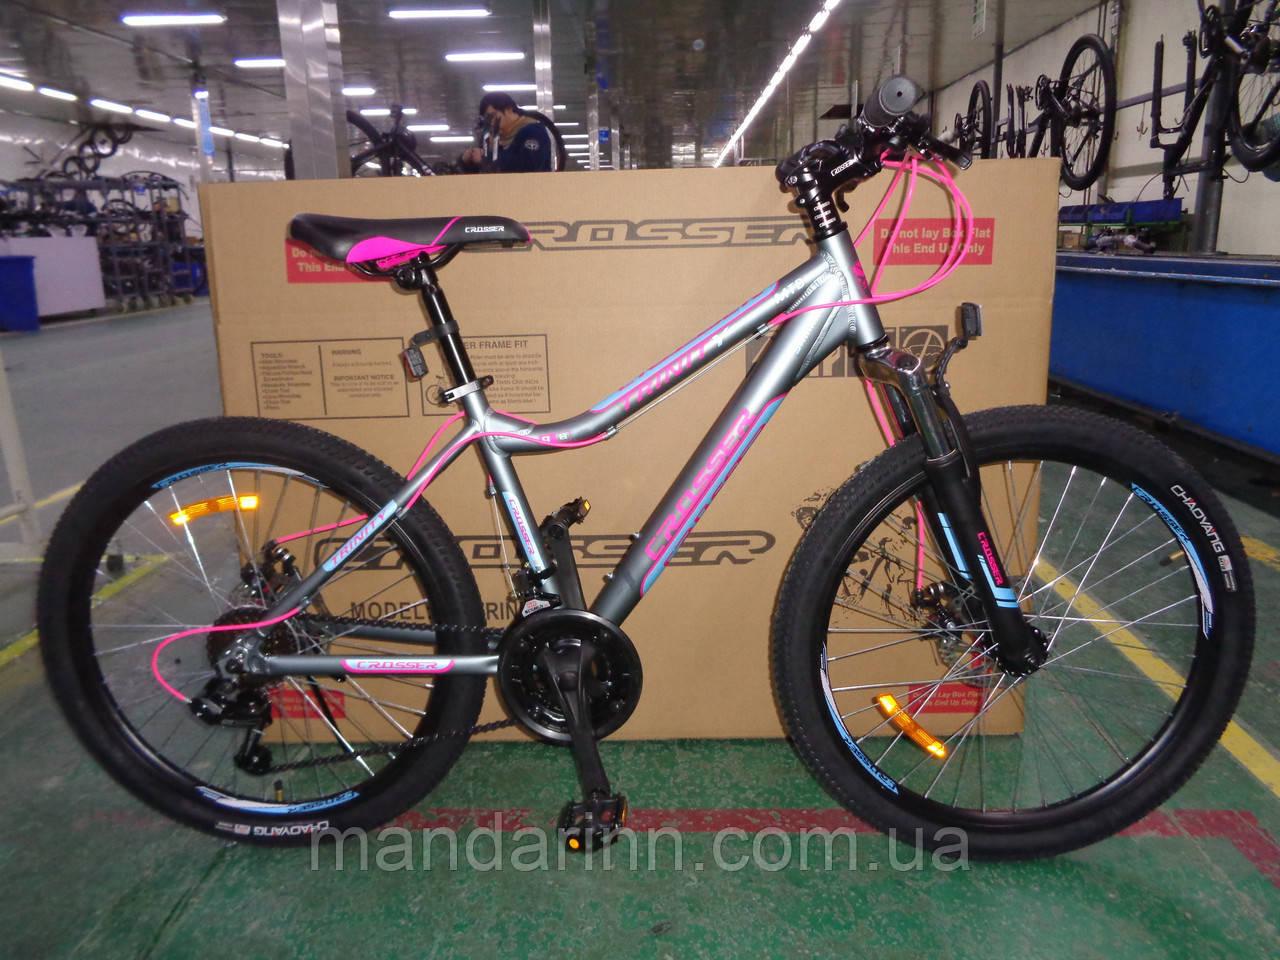 Спортивный Алюминиевый велосипед Crosser Trinity 26 дюймов. Серый.